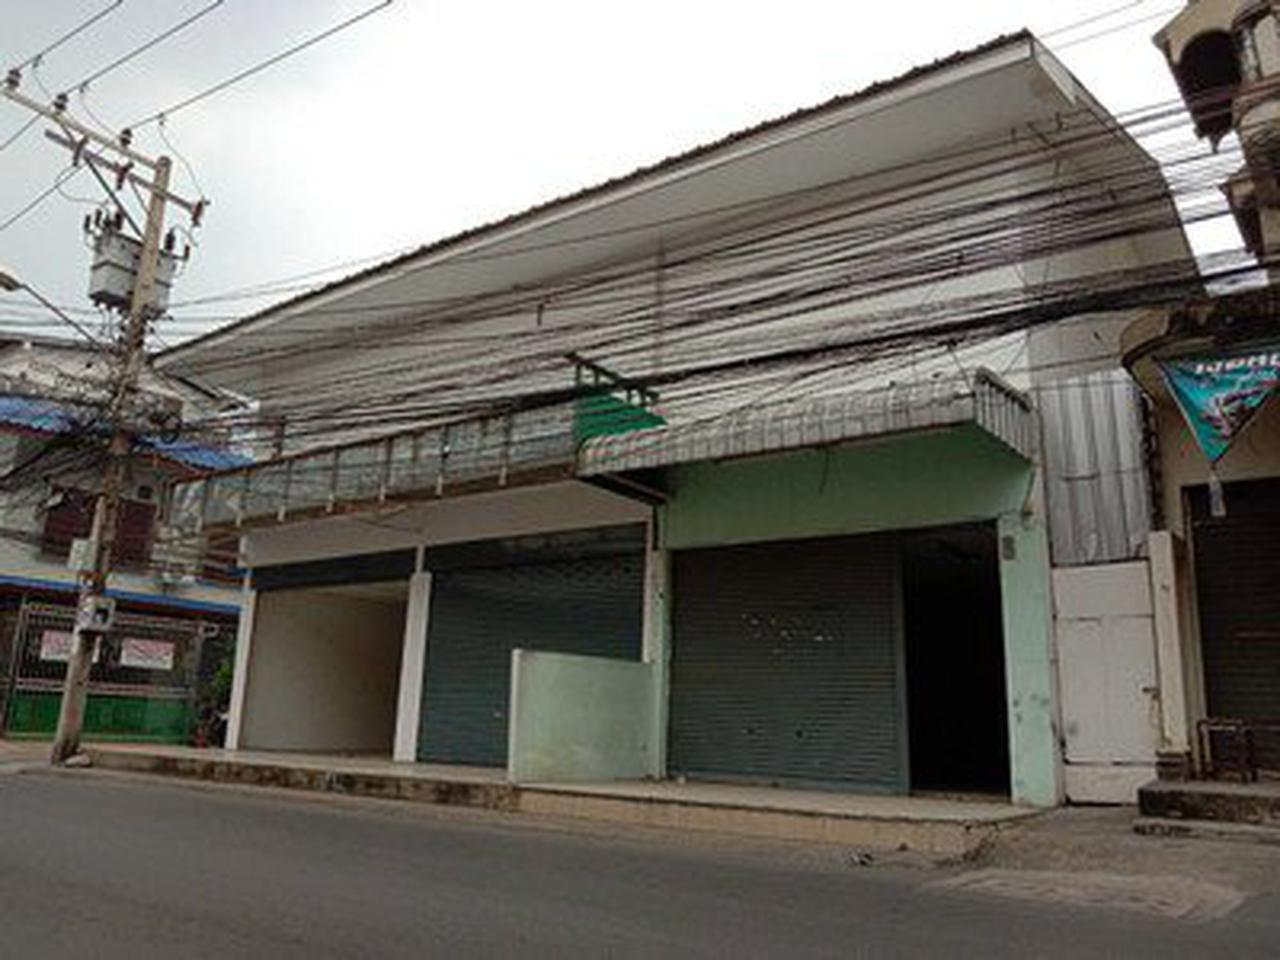 ให้เช่าอาคารพาณิชย์ 4 คูหา  2 ชั้น ถนนพหลโยธิน54/1 รูปที่ 2